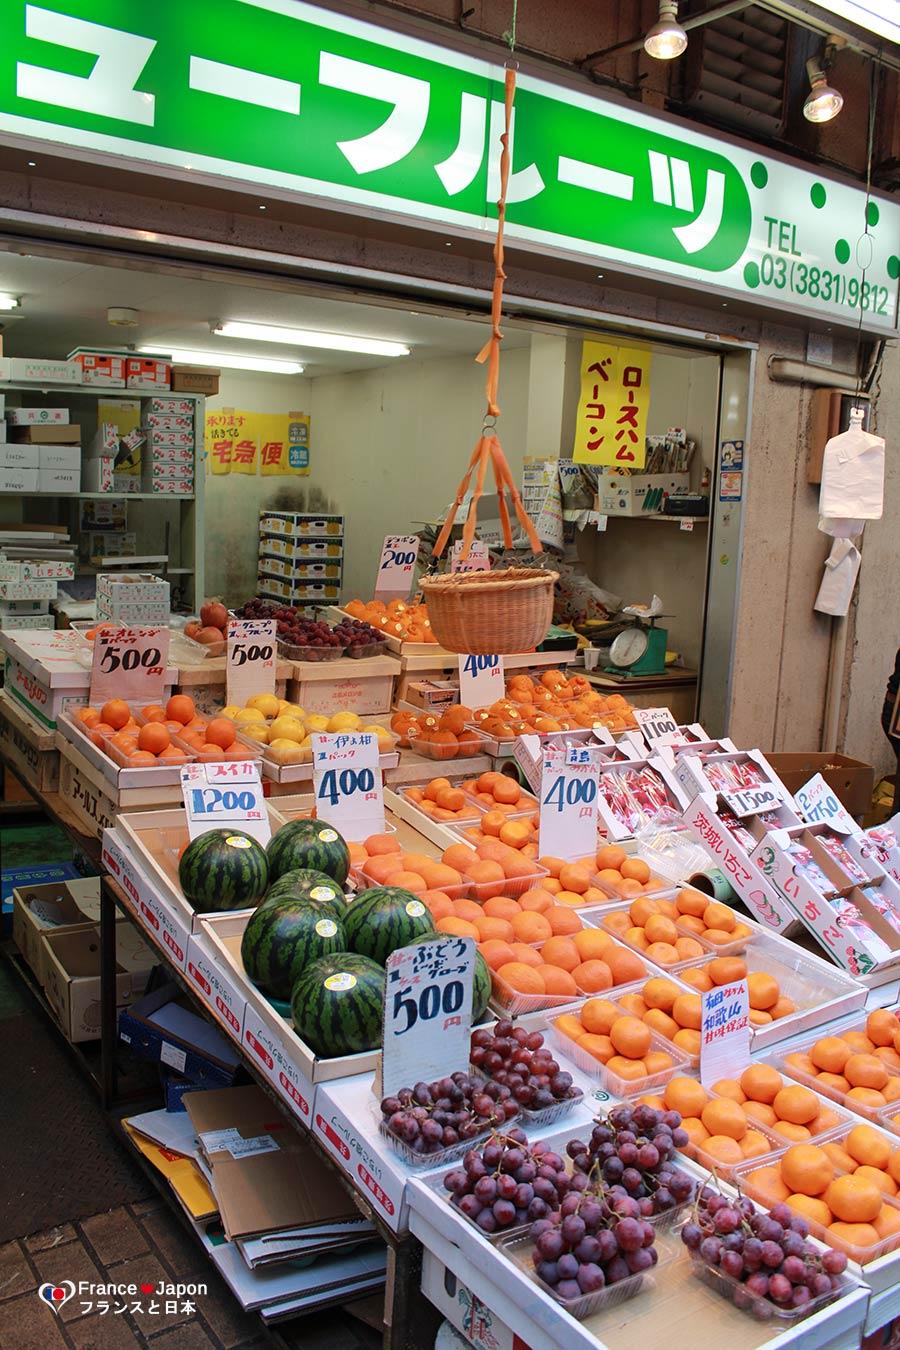 voyage japon tokyo visiter marche ameyoko ueno